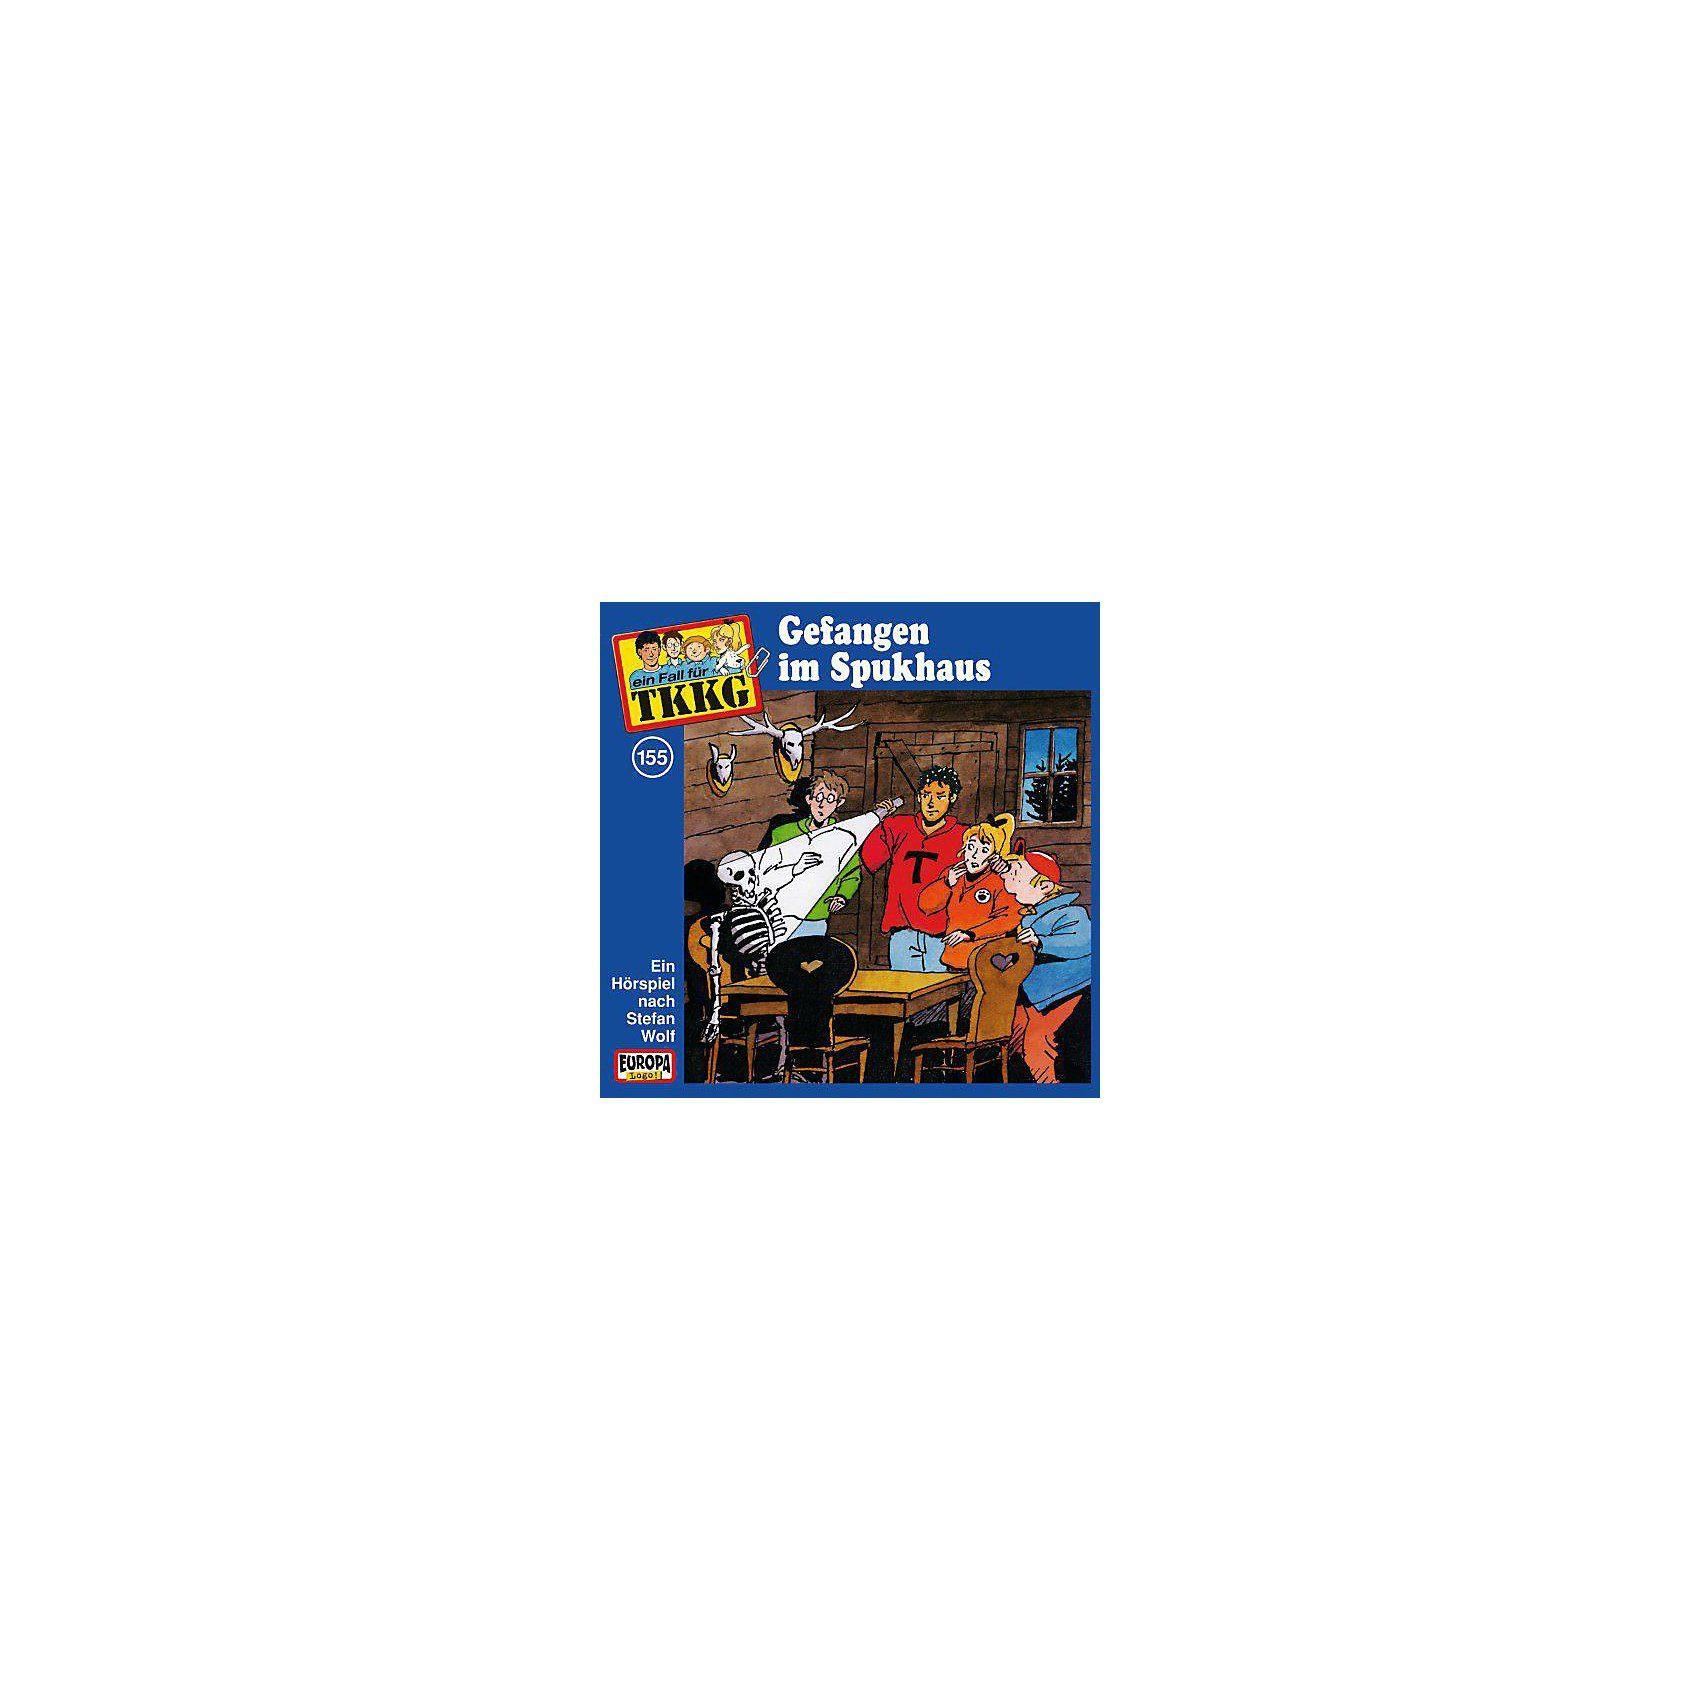 SONY BMG MUSIC CD TKKG 155 (Gefangen im Spukhaus)